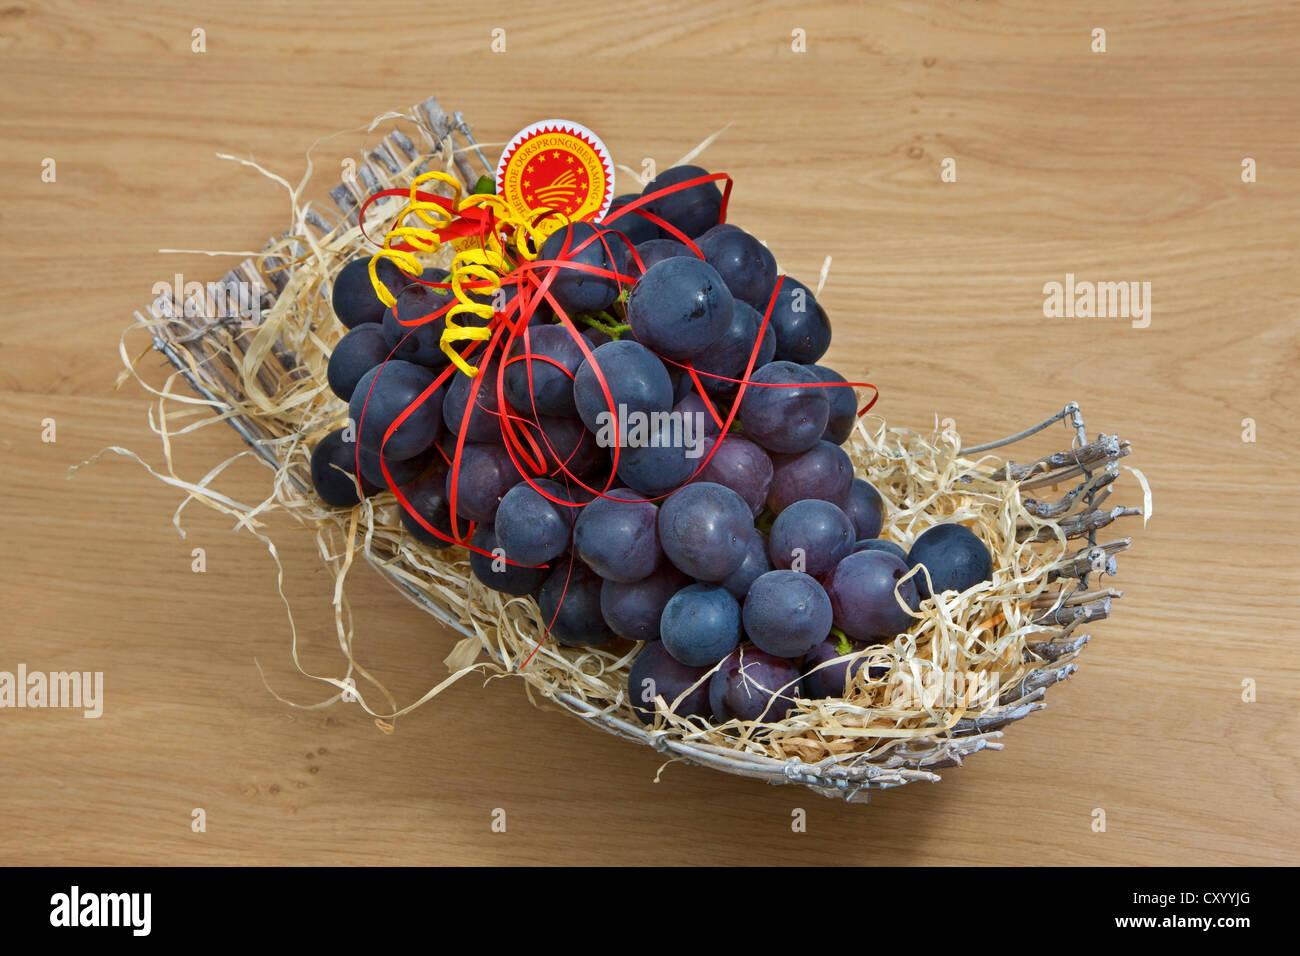 Presentazione del tavolo blu uva (Vitis vinifera) dal Flemish Brabant, Fiandre, in Belgio Immagini Stock